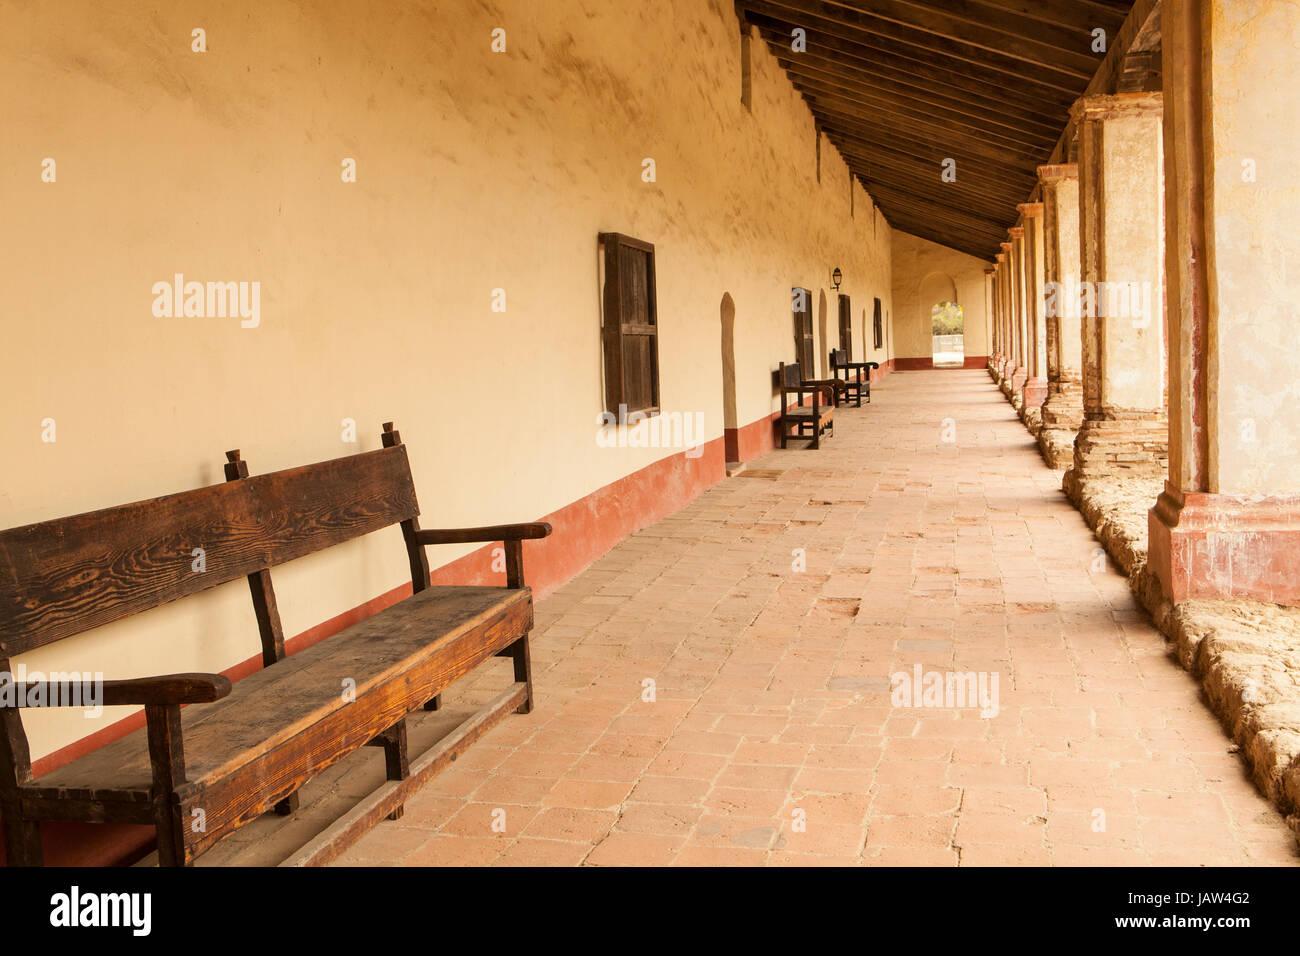 Colonnade, La Purisima Mission State Historic Park, Lompoc, California - Stock Image